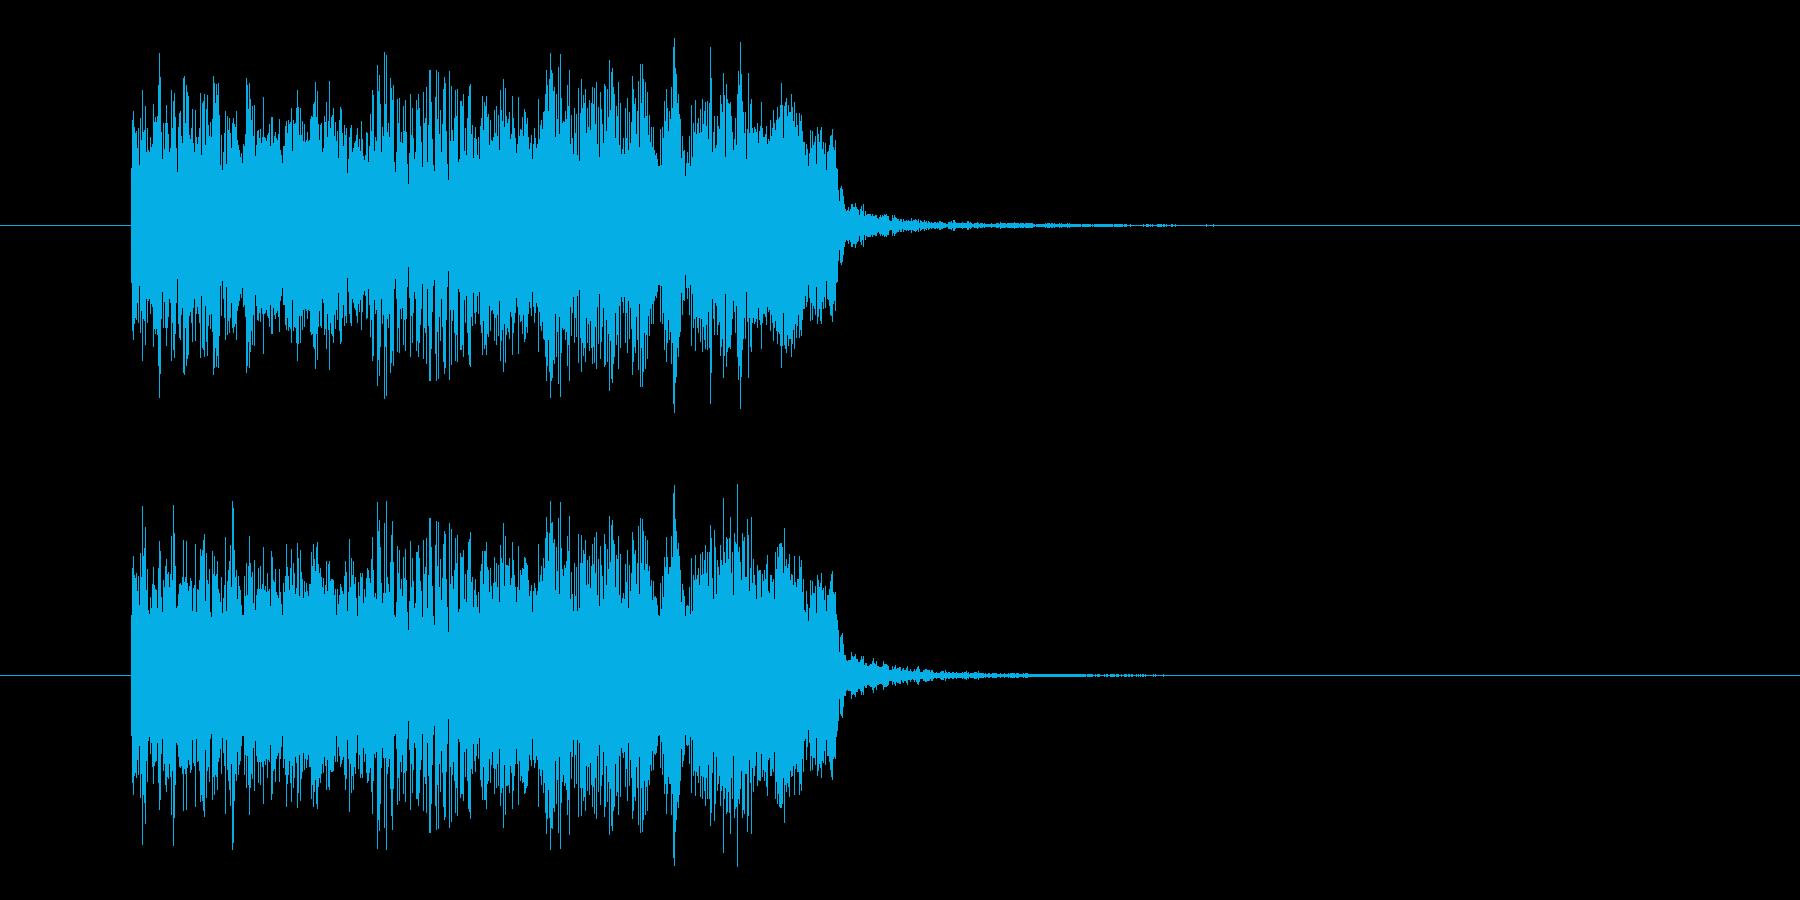 勢いあるポップでスピーディーなジングルの再生済みの波形